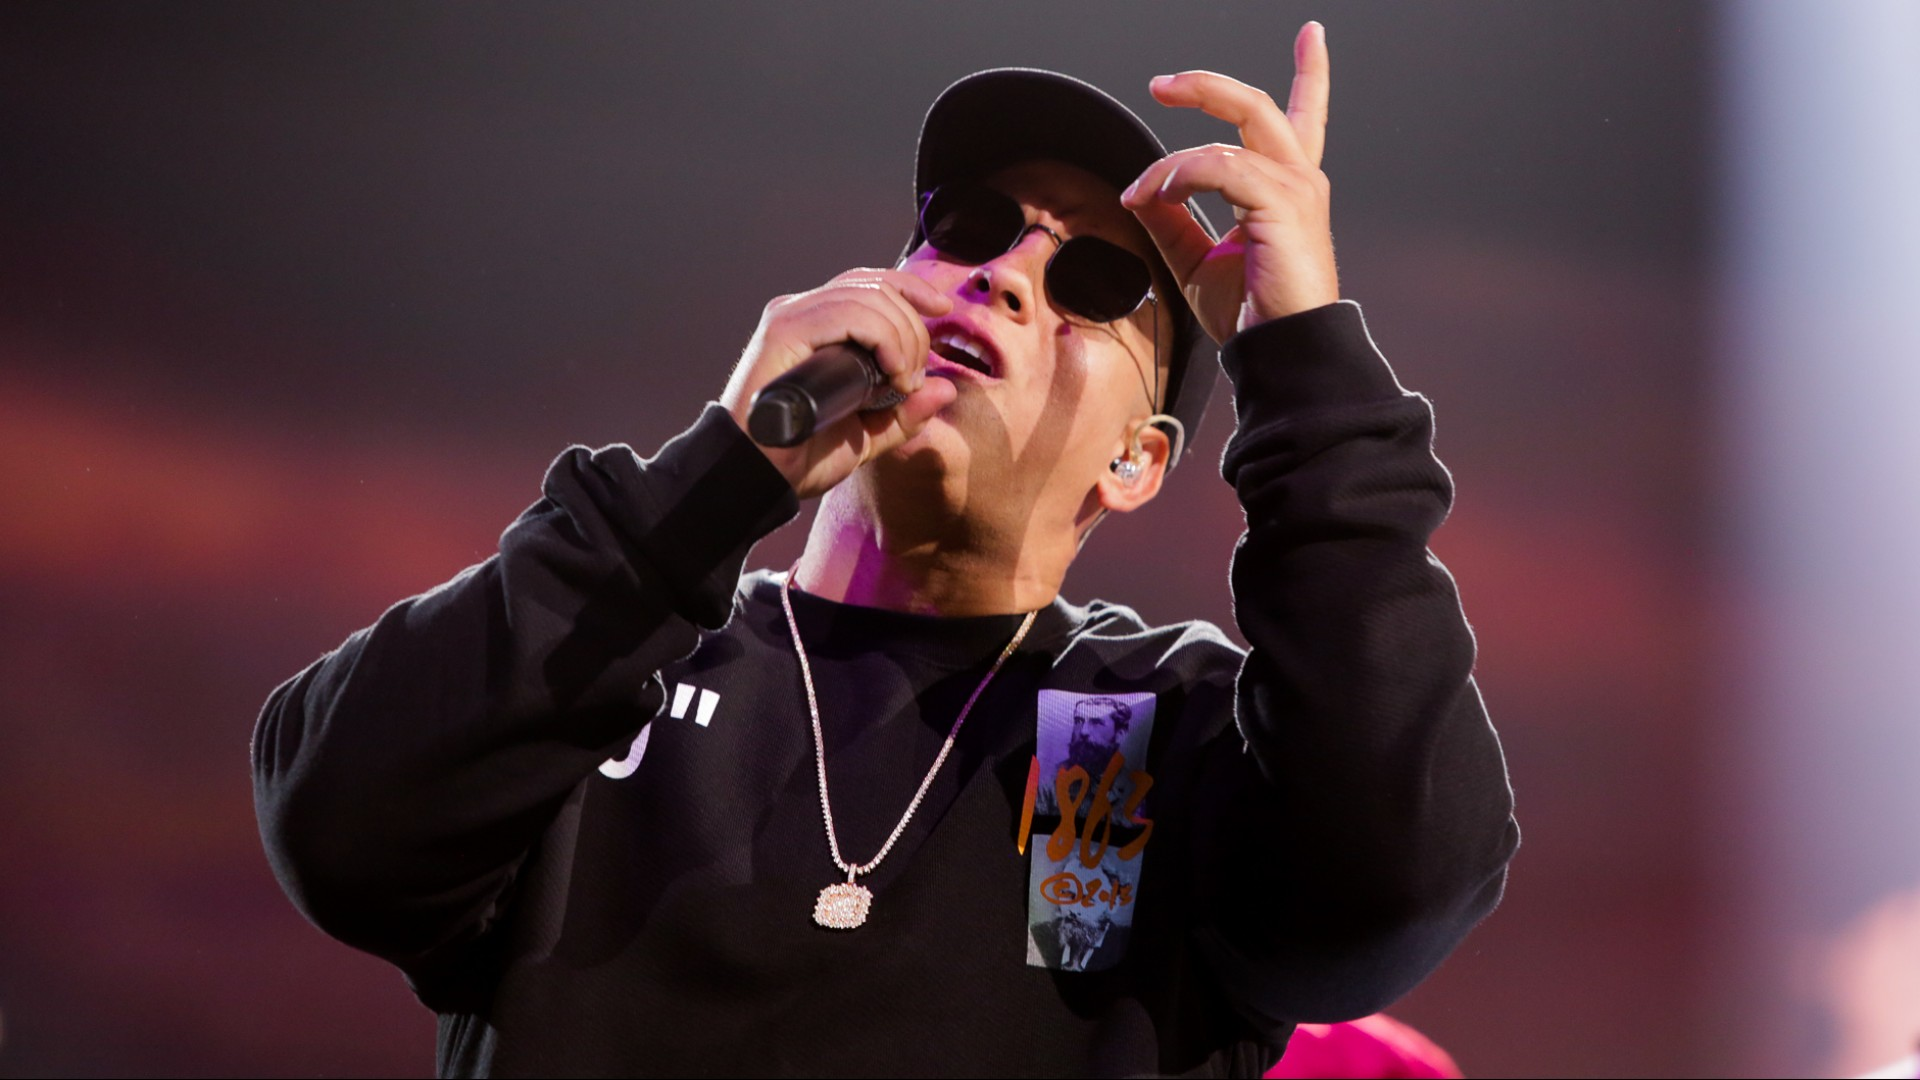 El singular suéter con el que Daddy Yankee ensayó para Premio Lo Nuestro tiene un significado especial